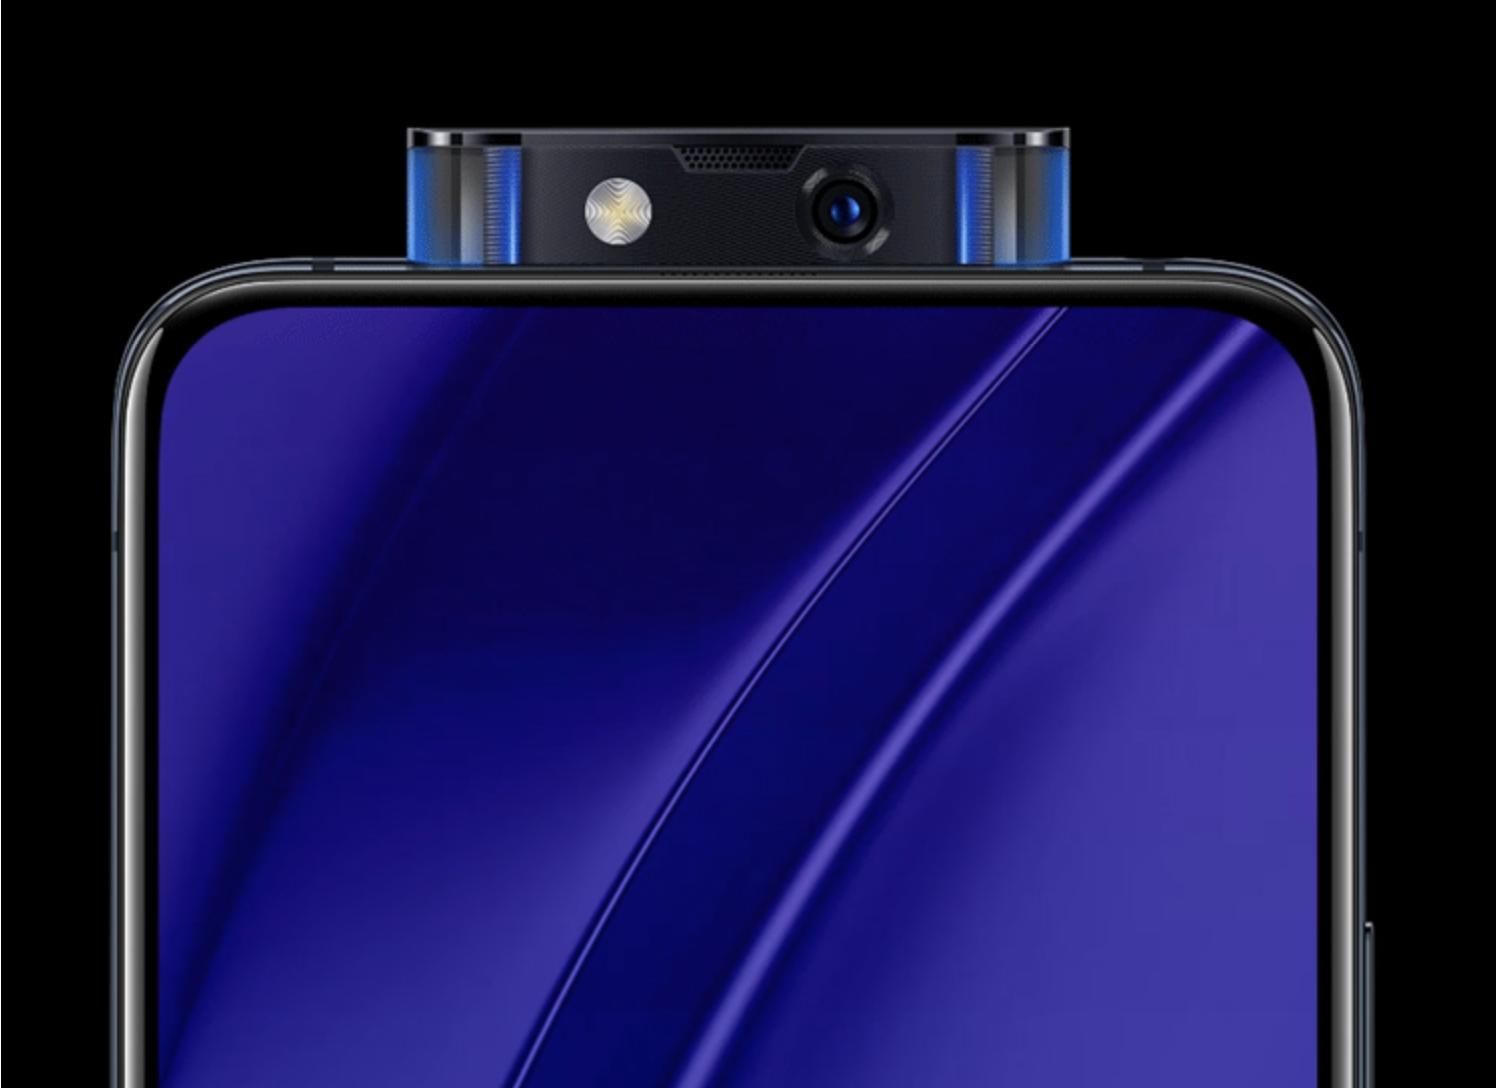 前置3200万升降摄像头 全新时尚旗舰vivo X27 Pro正式开售!